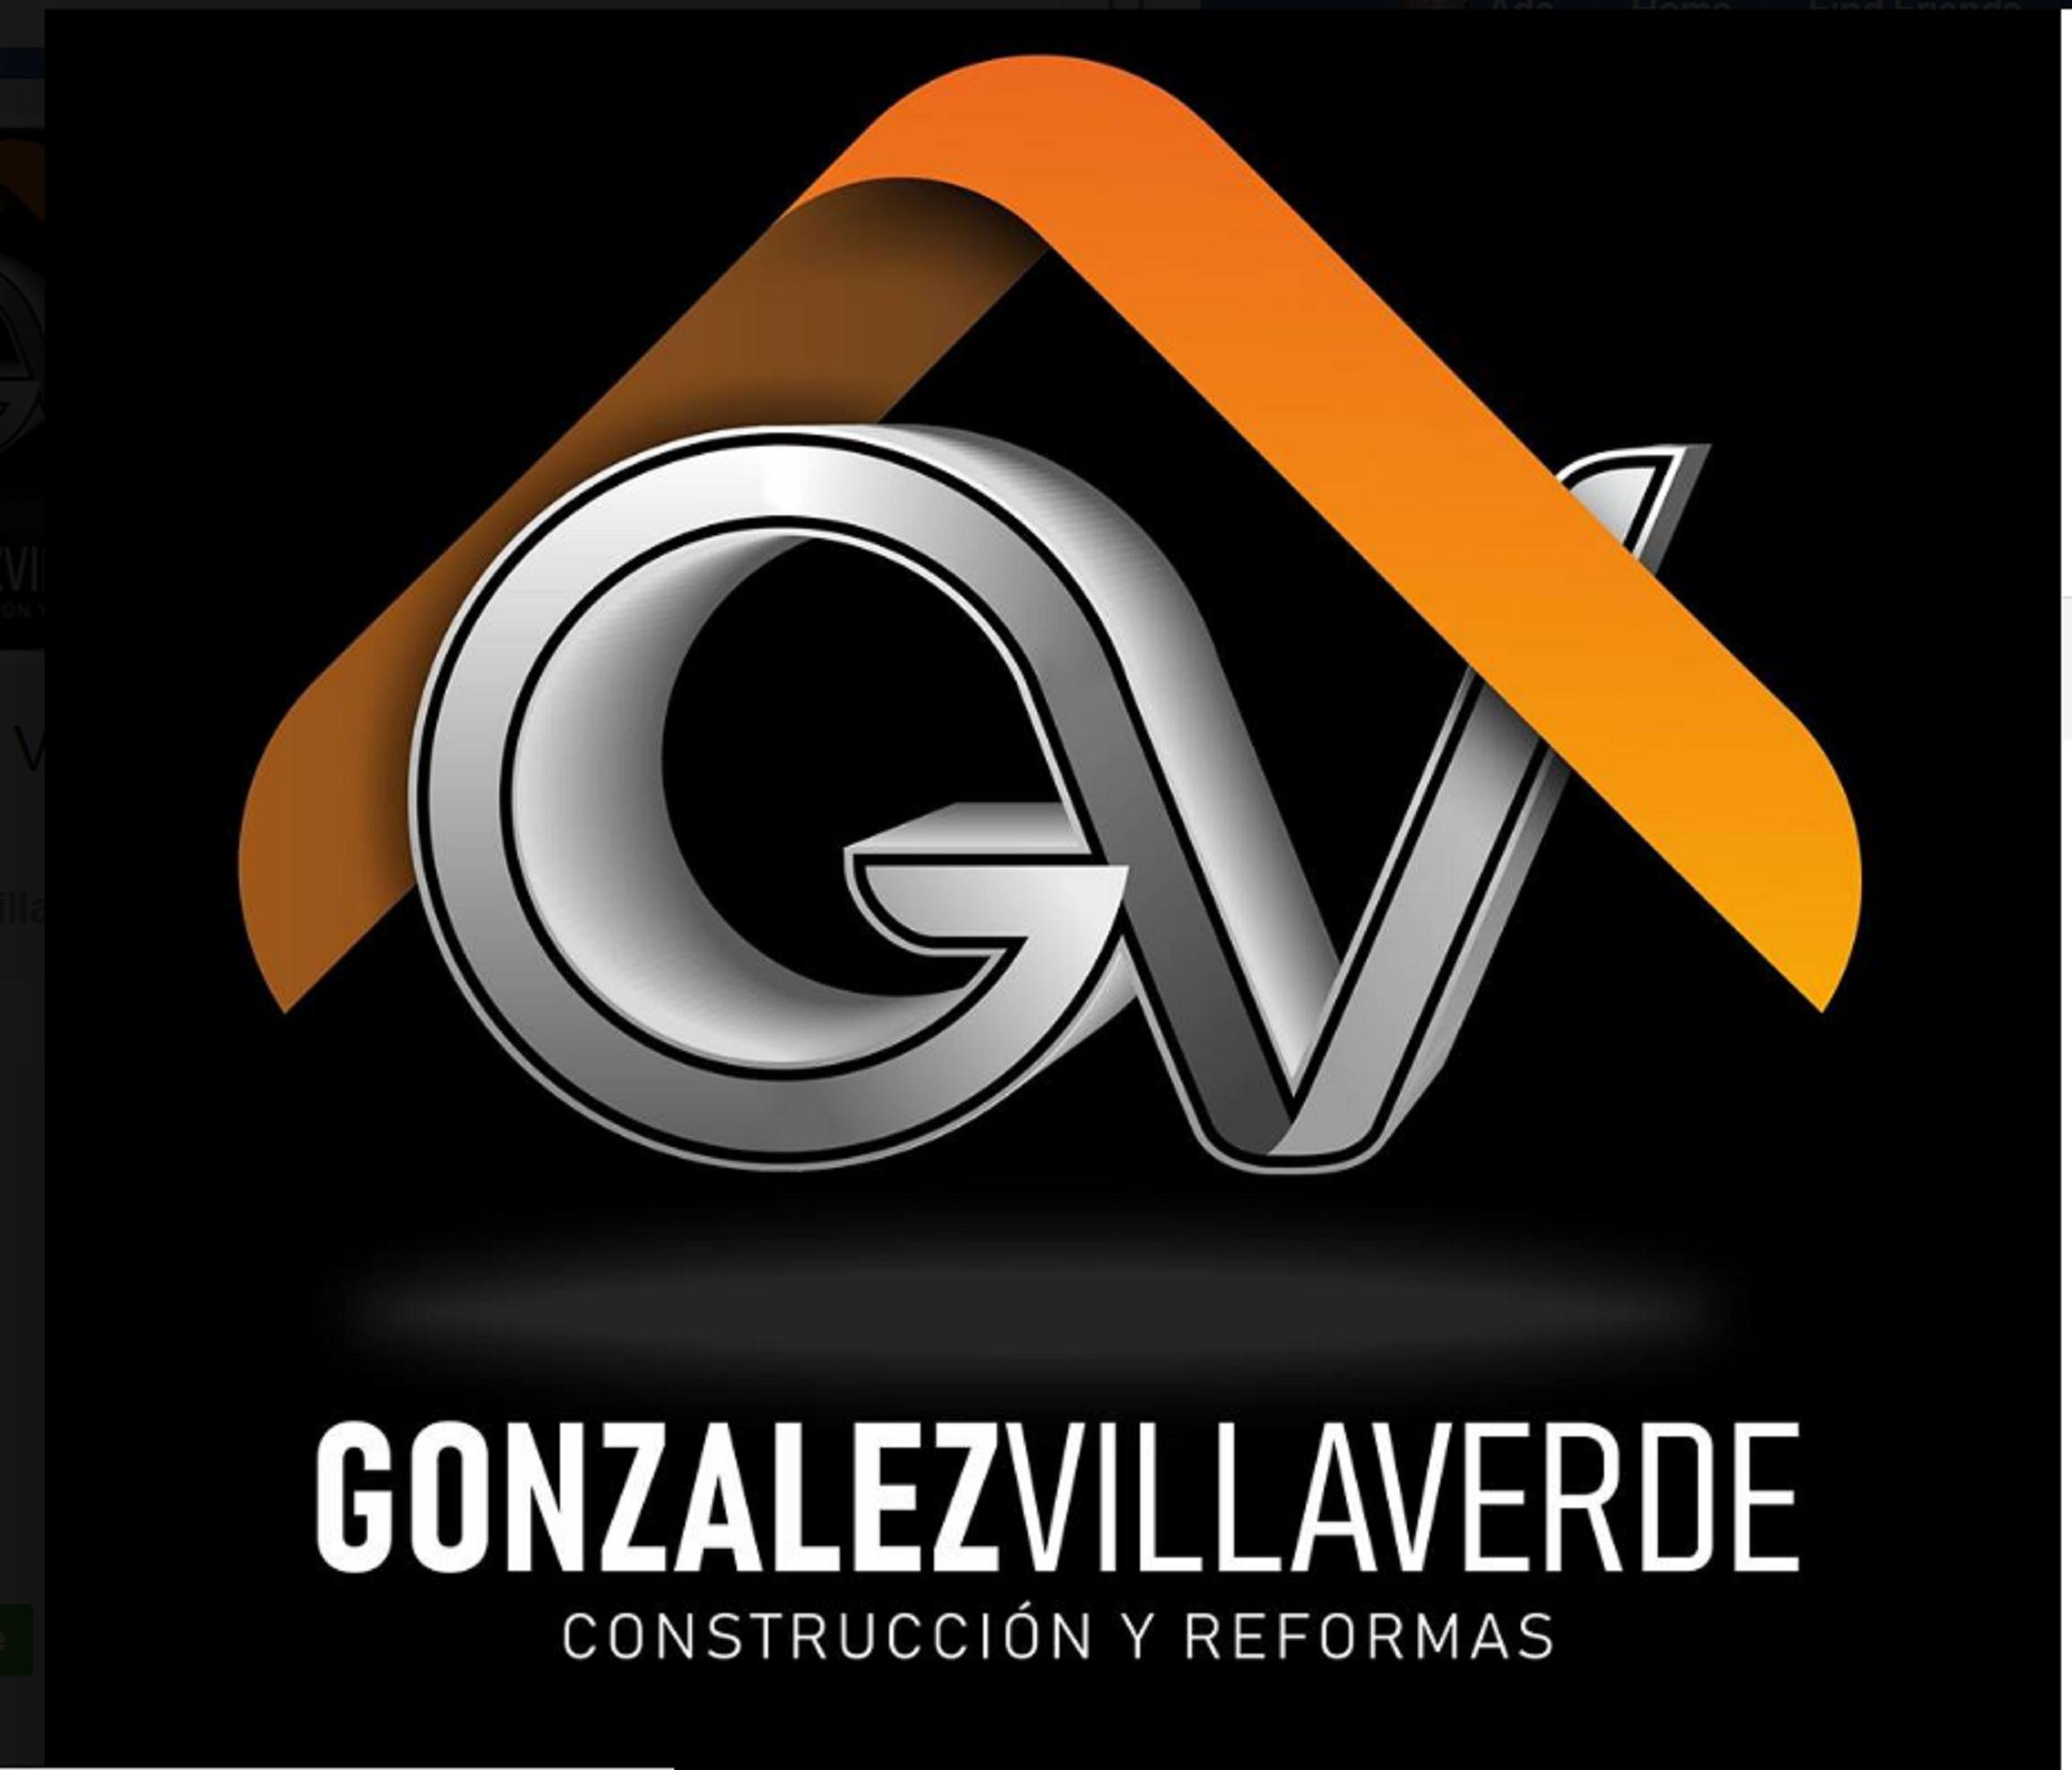 Gonzalez Villaverde Construcción Y Reformas